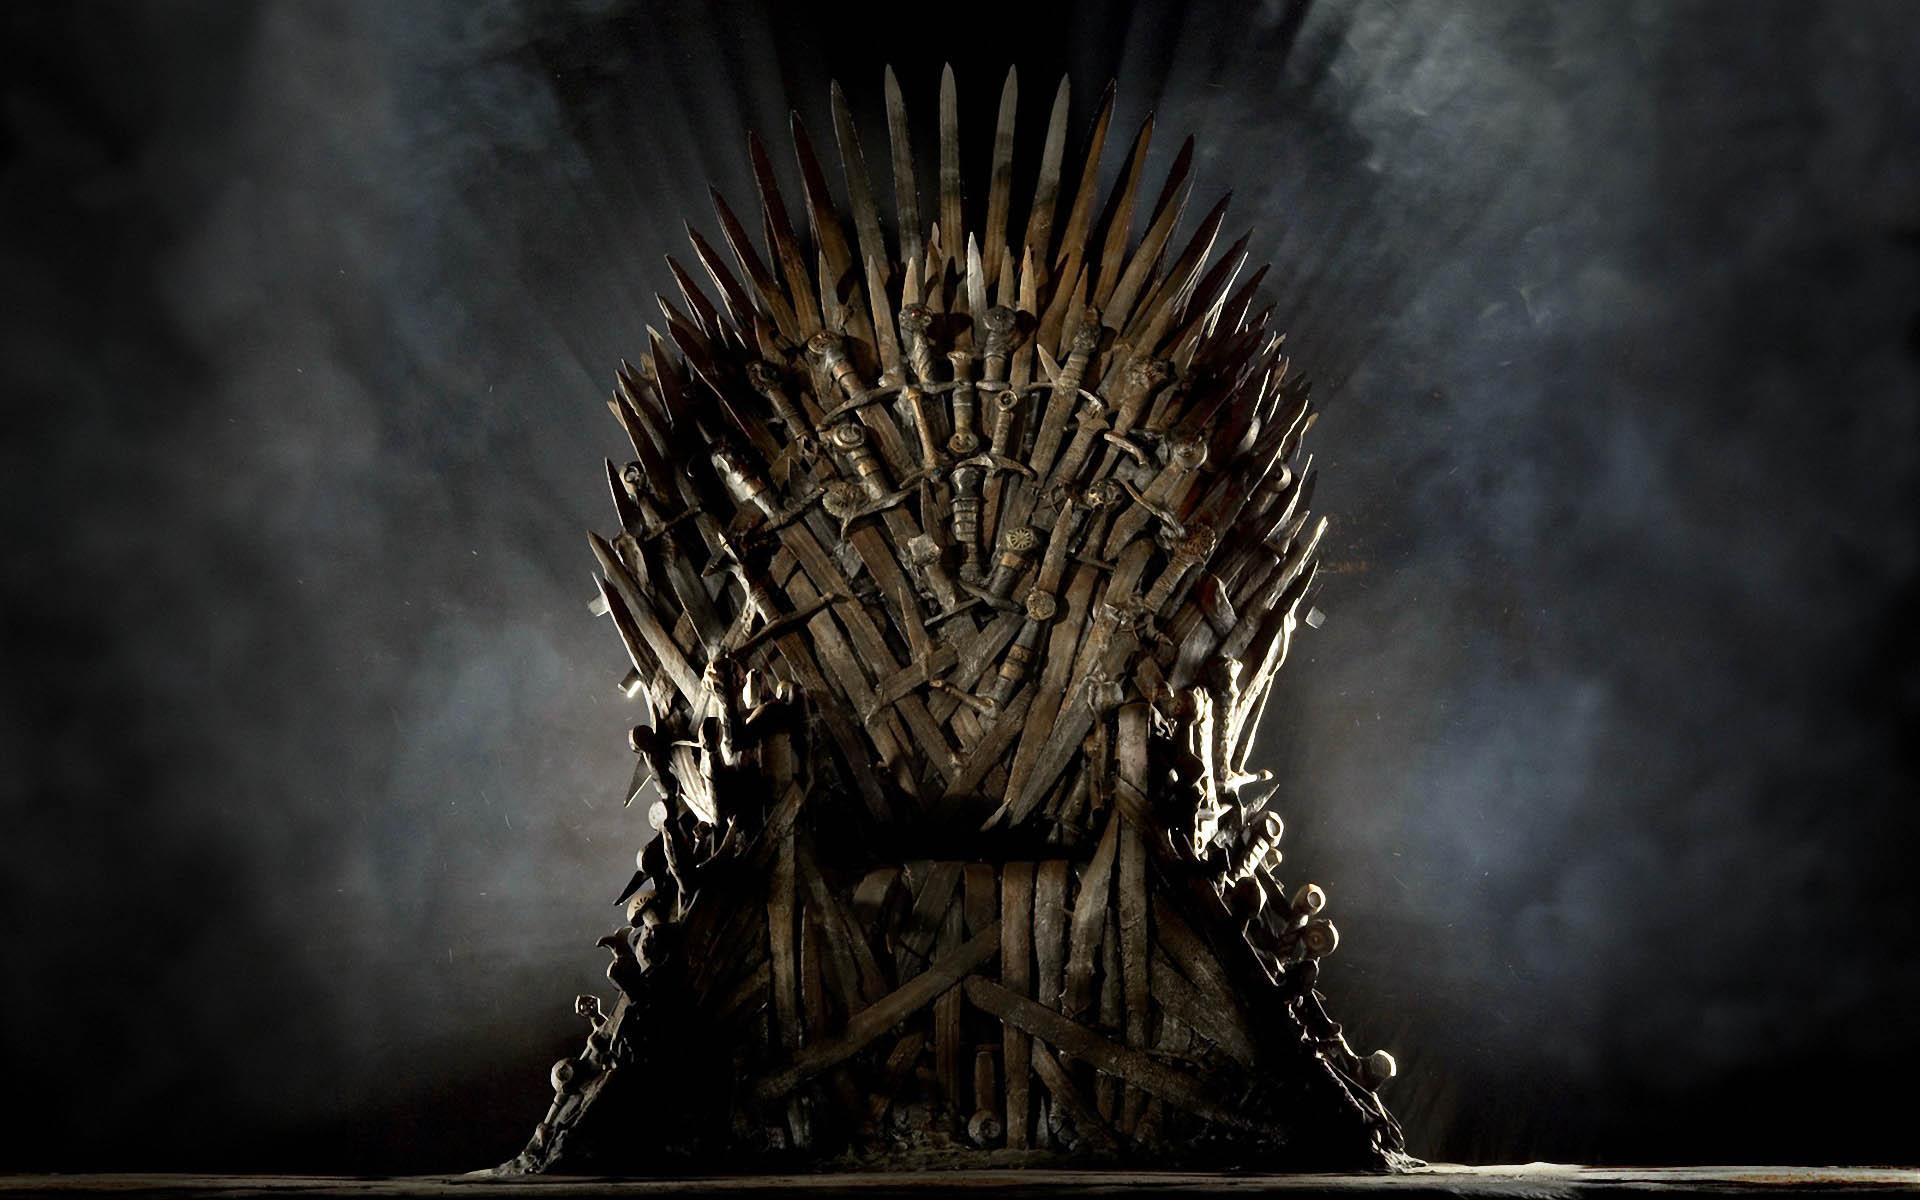 HBO revela un nuevo trailer de Game of Thrones